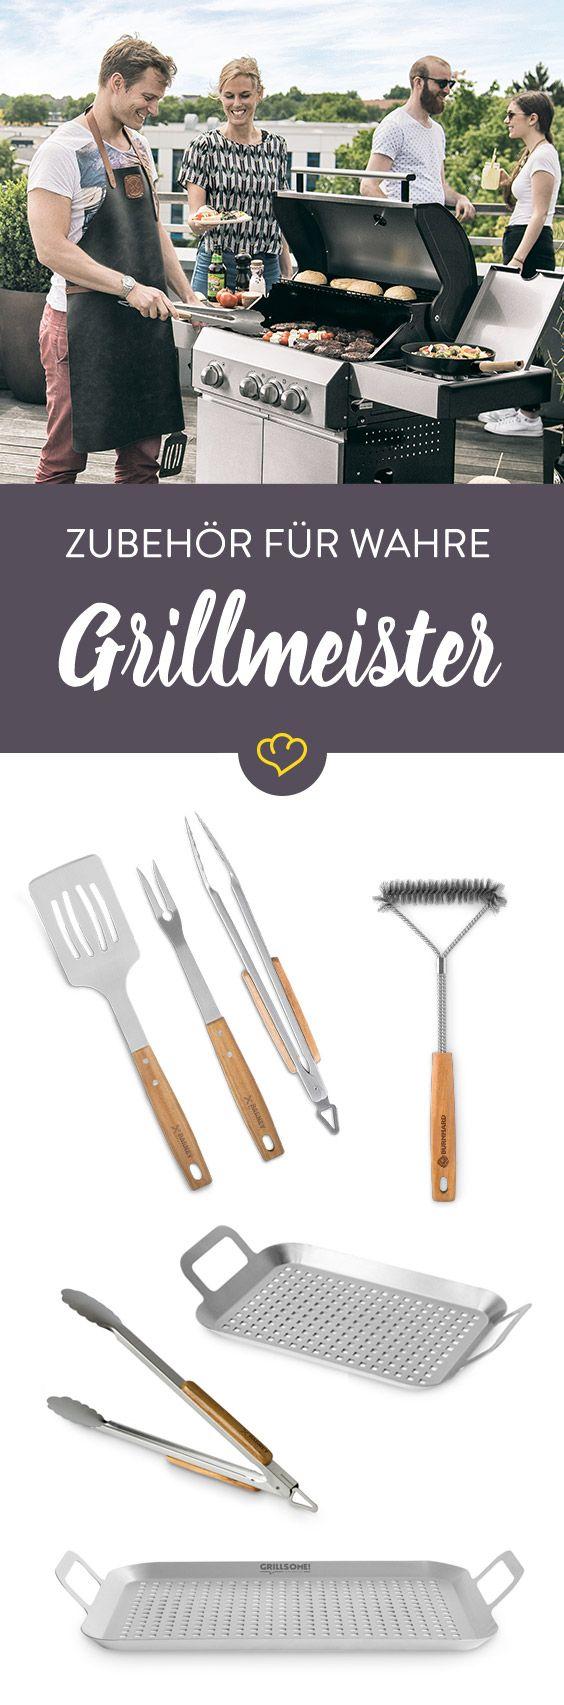 Alles was wahre Grillmeister sich wünschen!